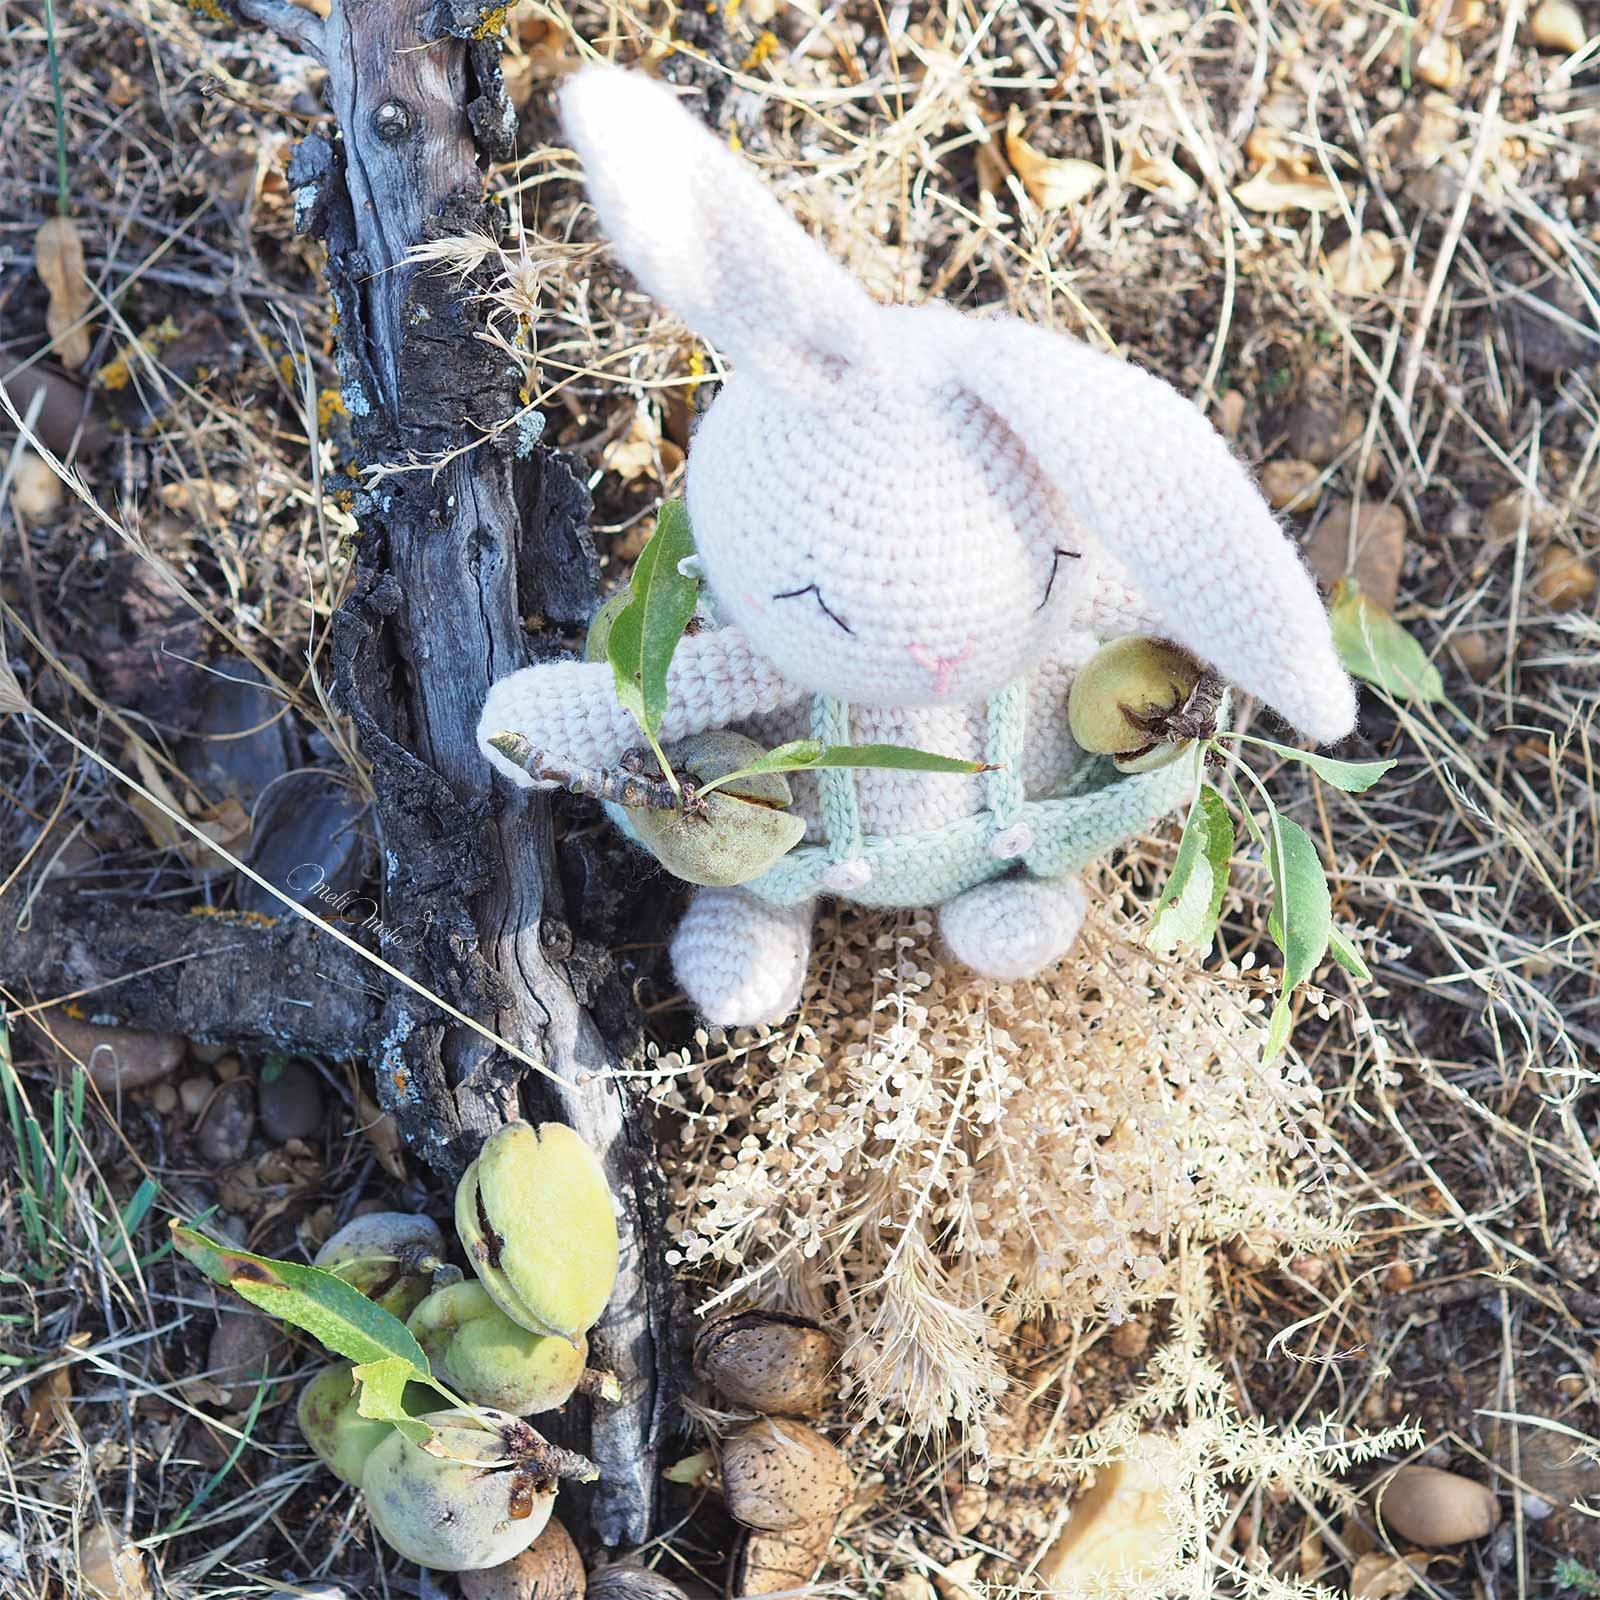 doudou-naturacrochet-lapin-rabbit-oliver-amigurumi-laboutiquedemelimelo